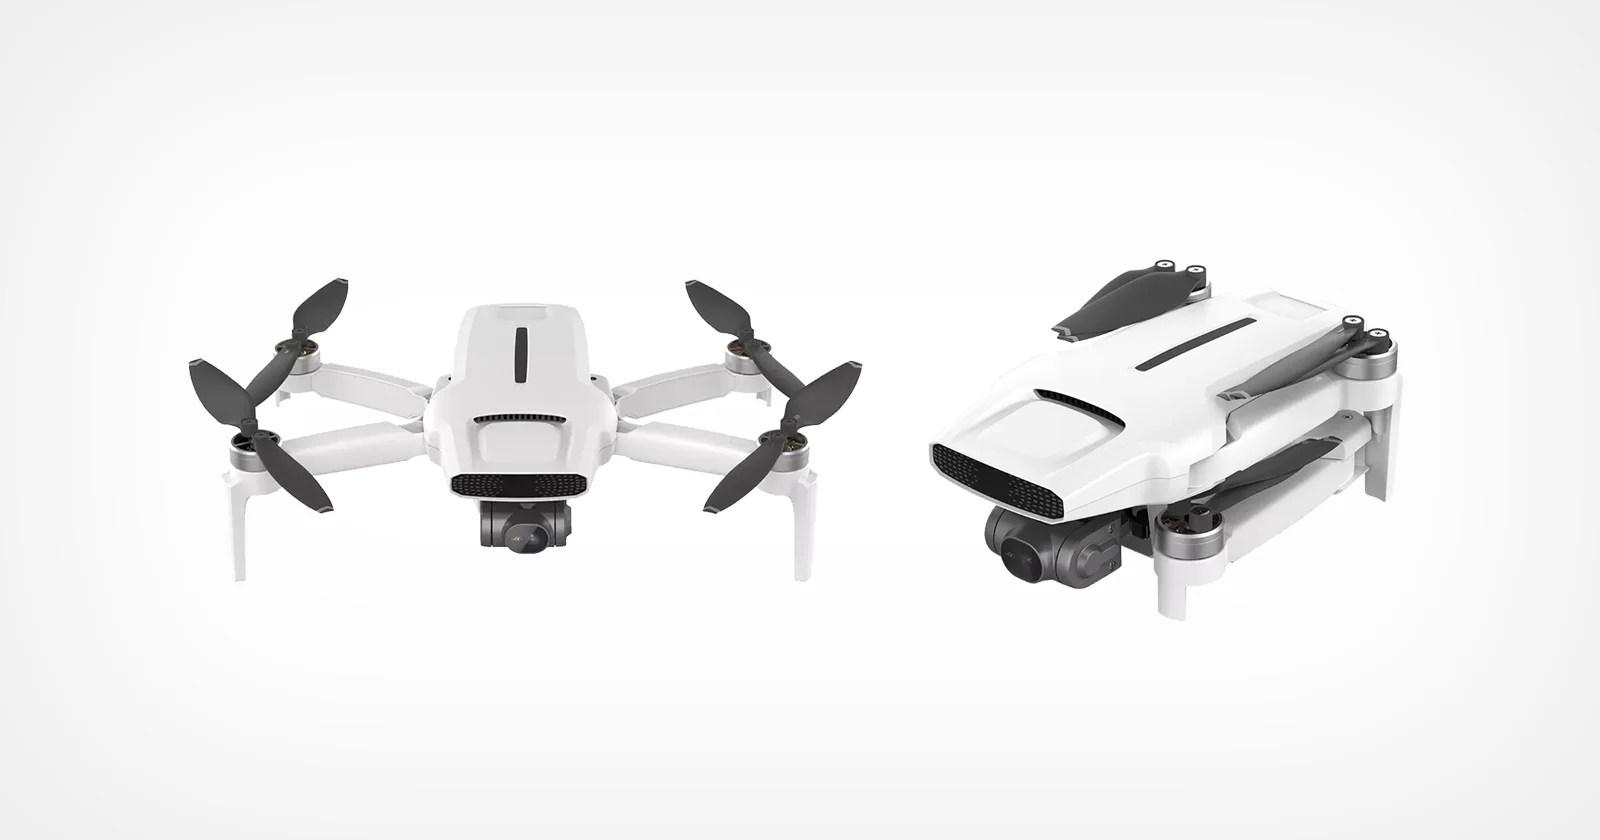 FIMI lancia l'X8 Mini Drone, compete direttamente con il DJI Mini 2